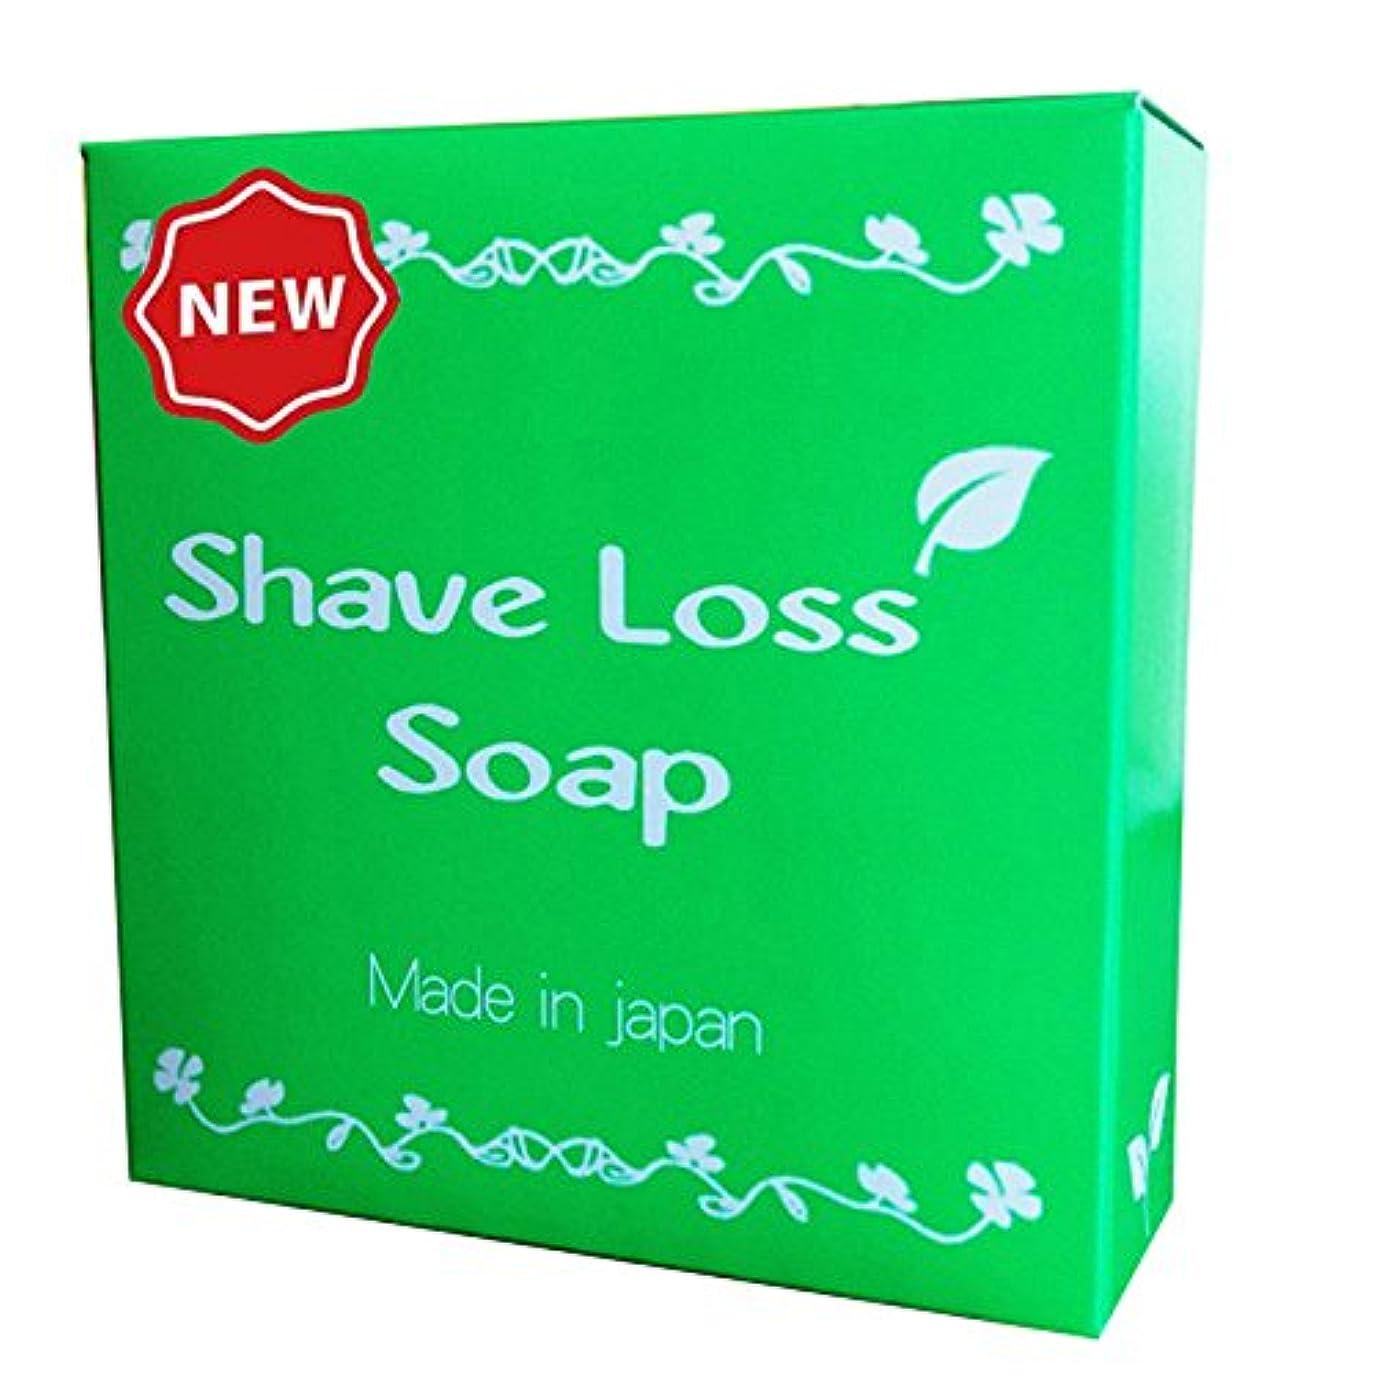 欠席威信研磨剤【NEW】Shave Loss Soap 女性の願いを叶える 石鹸 80g 「ダイズ種子エキス」 「ラレアディバリカタエキス」大幅増量タイプ